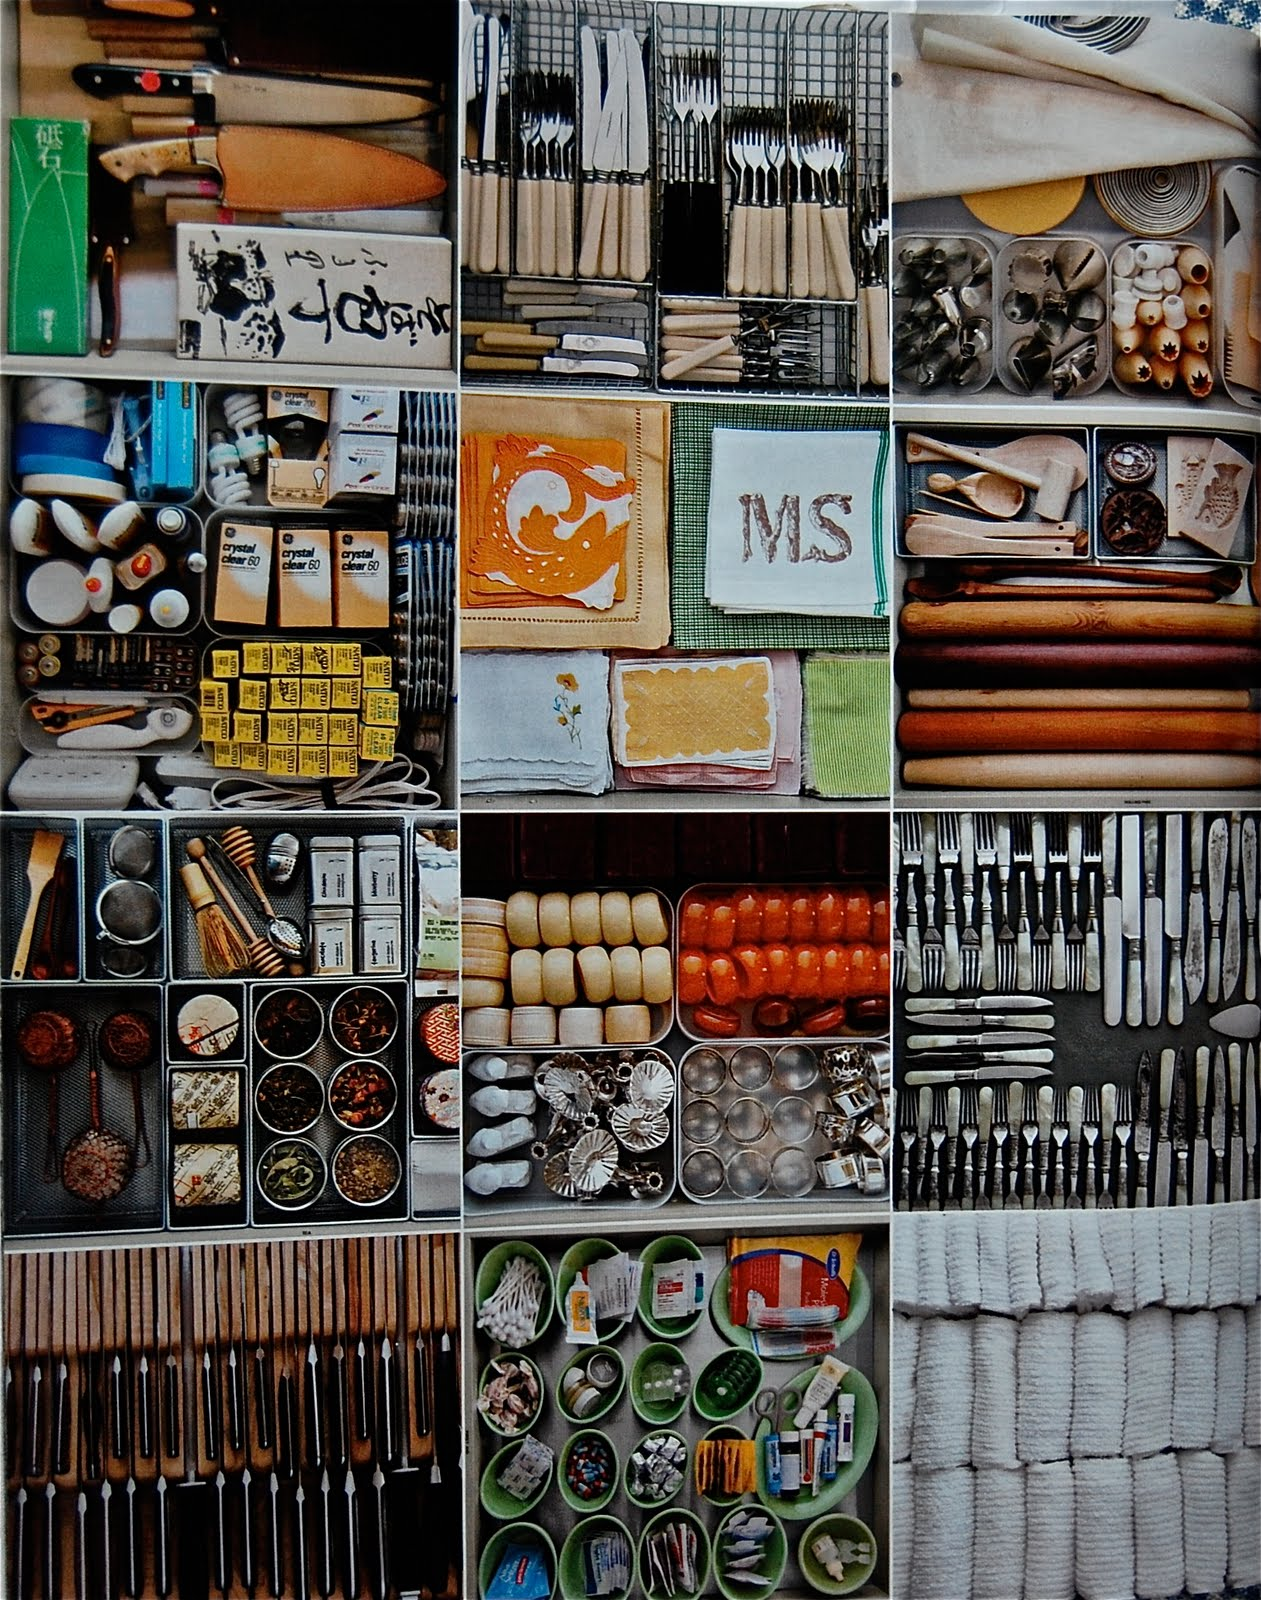 lovely Martha Stewart Kitchen Organization #8: Marthau0026#39;s kitchen drawers